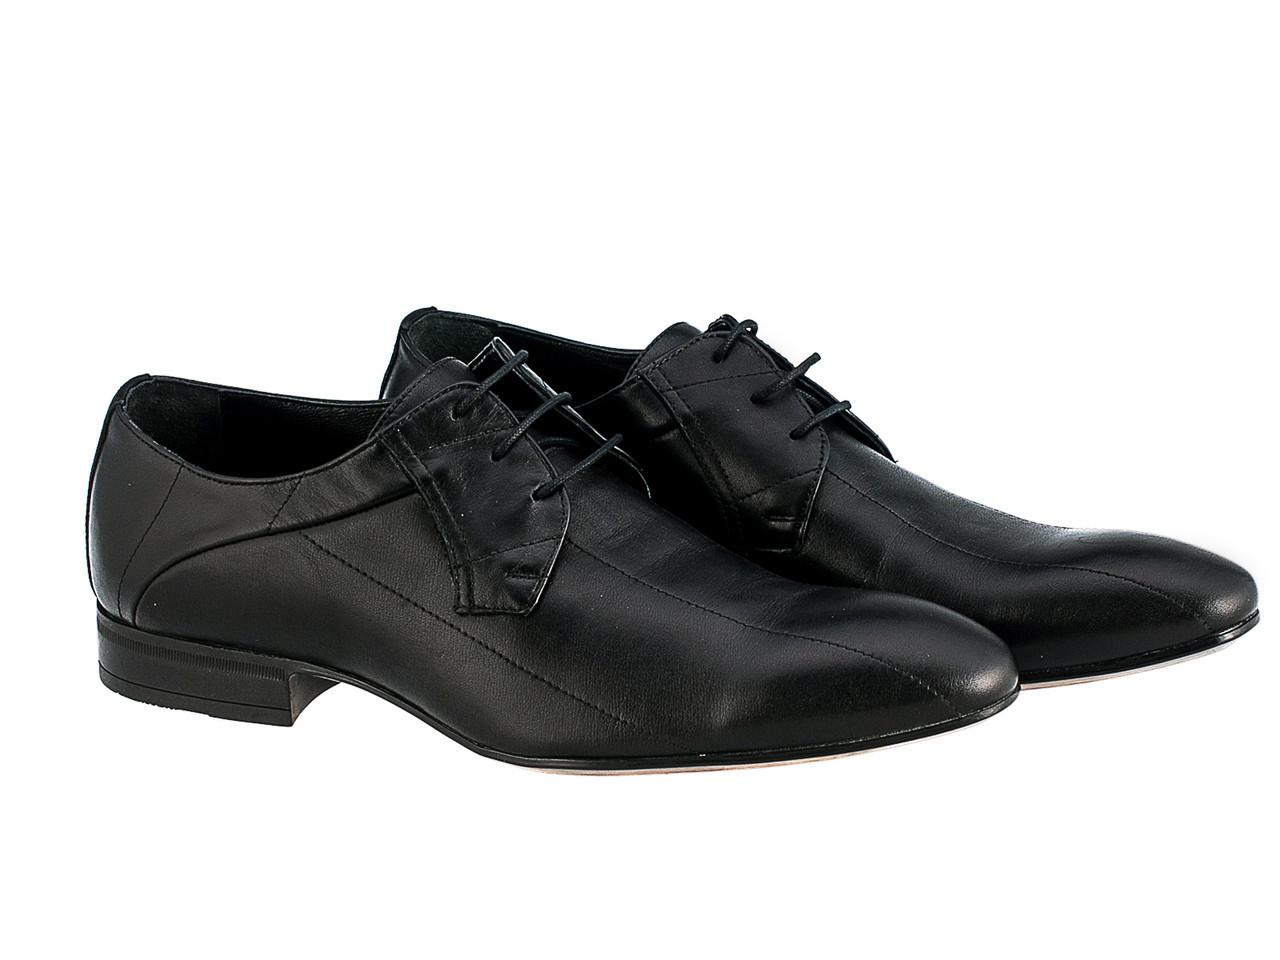 Туфлі Etor 6189-3013 40 чорні